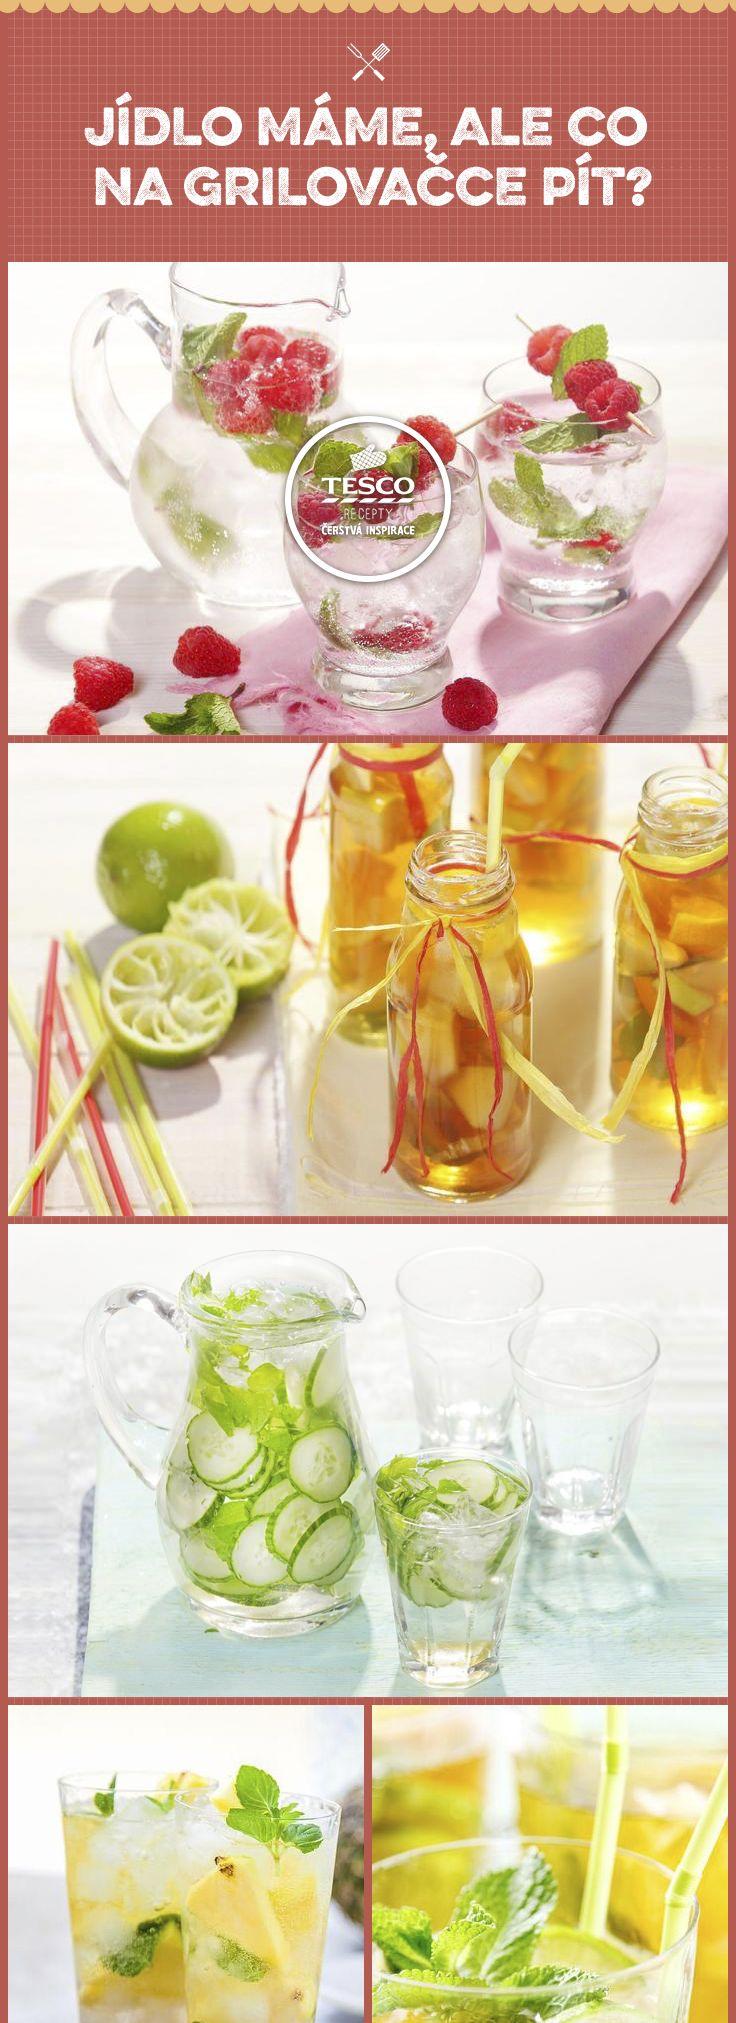 Osvěžte se při grilovačce výborným nápojem